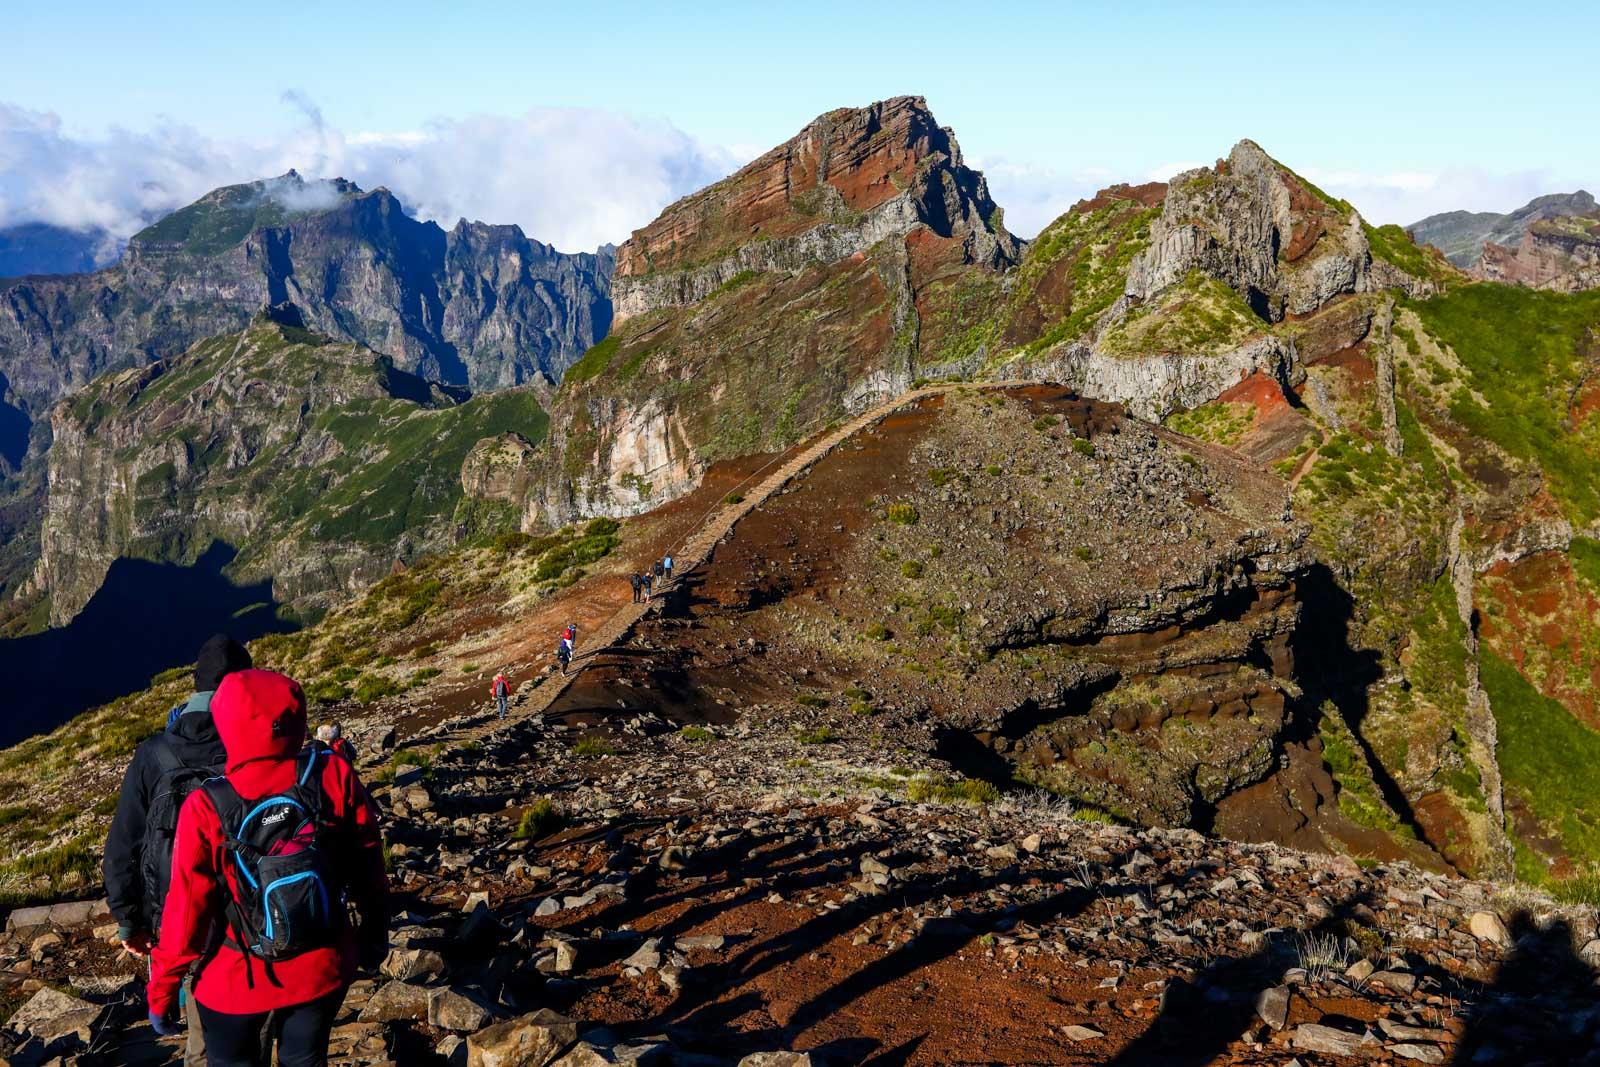 Saída do Pico do Areeiro para o Pico Ruivo Ilha da Madeira